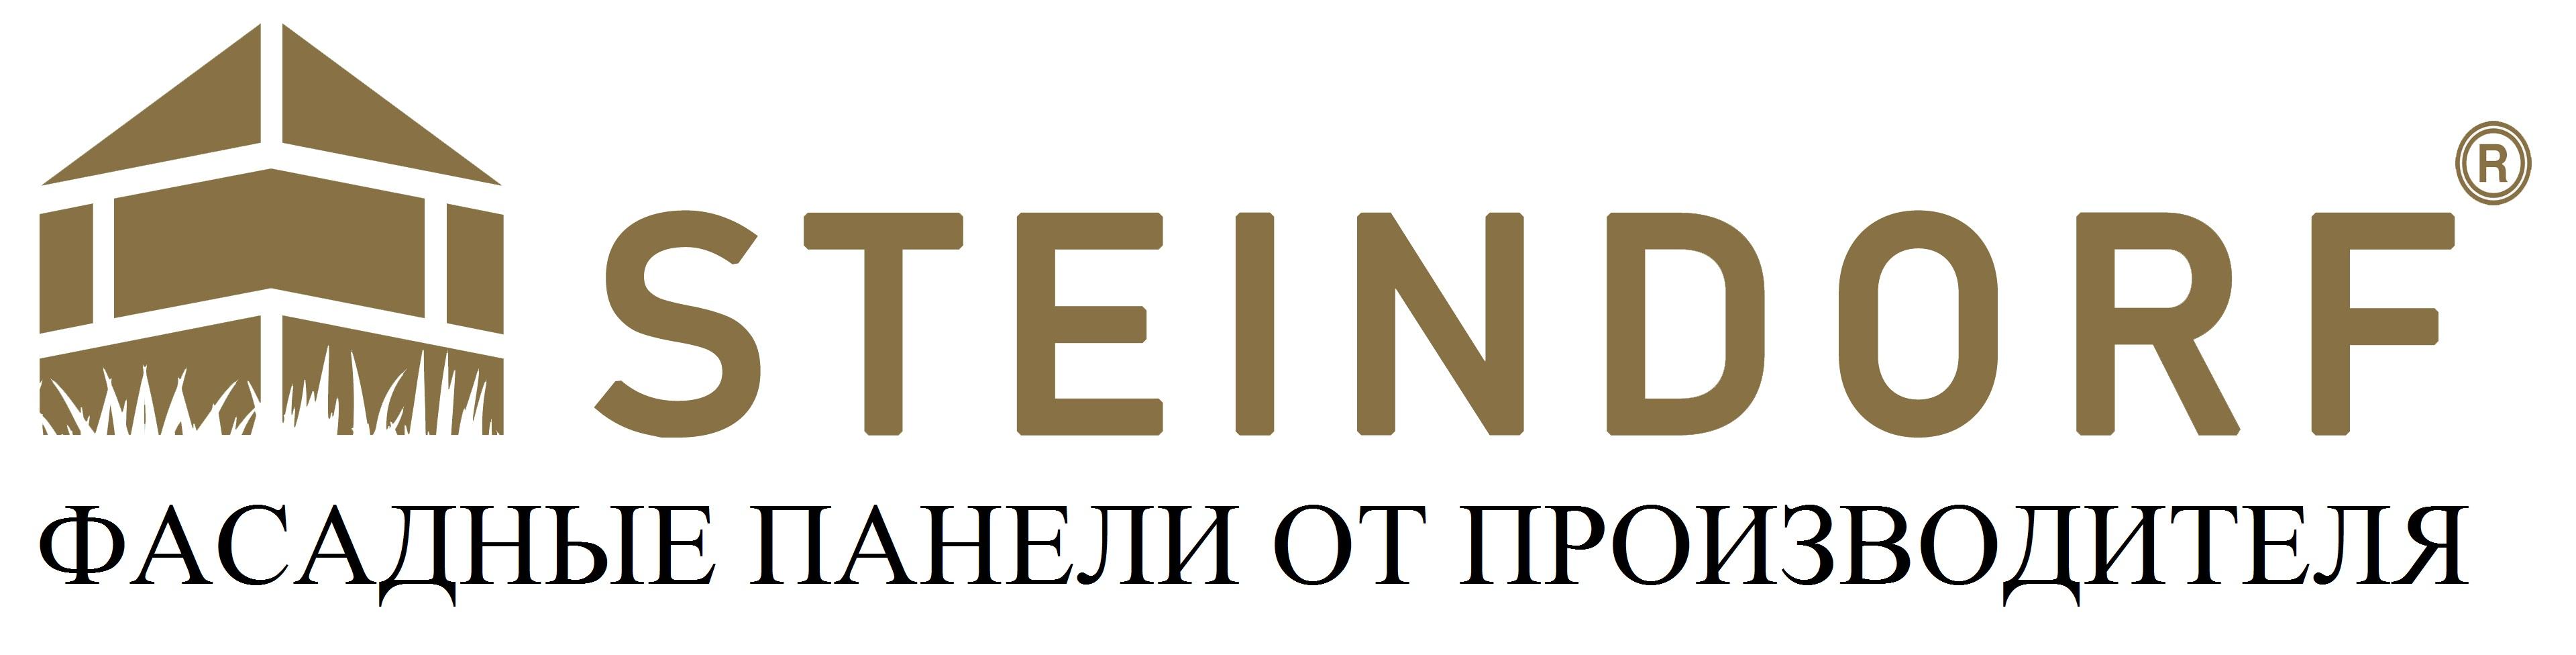 Интернет-магазин Steindorf